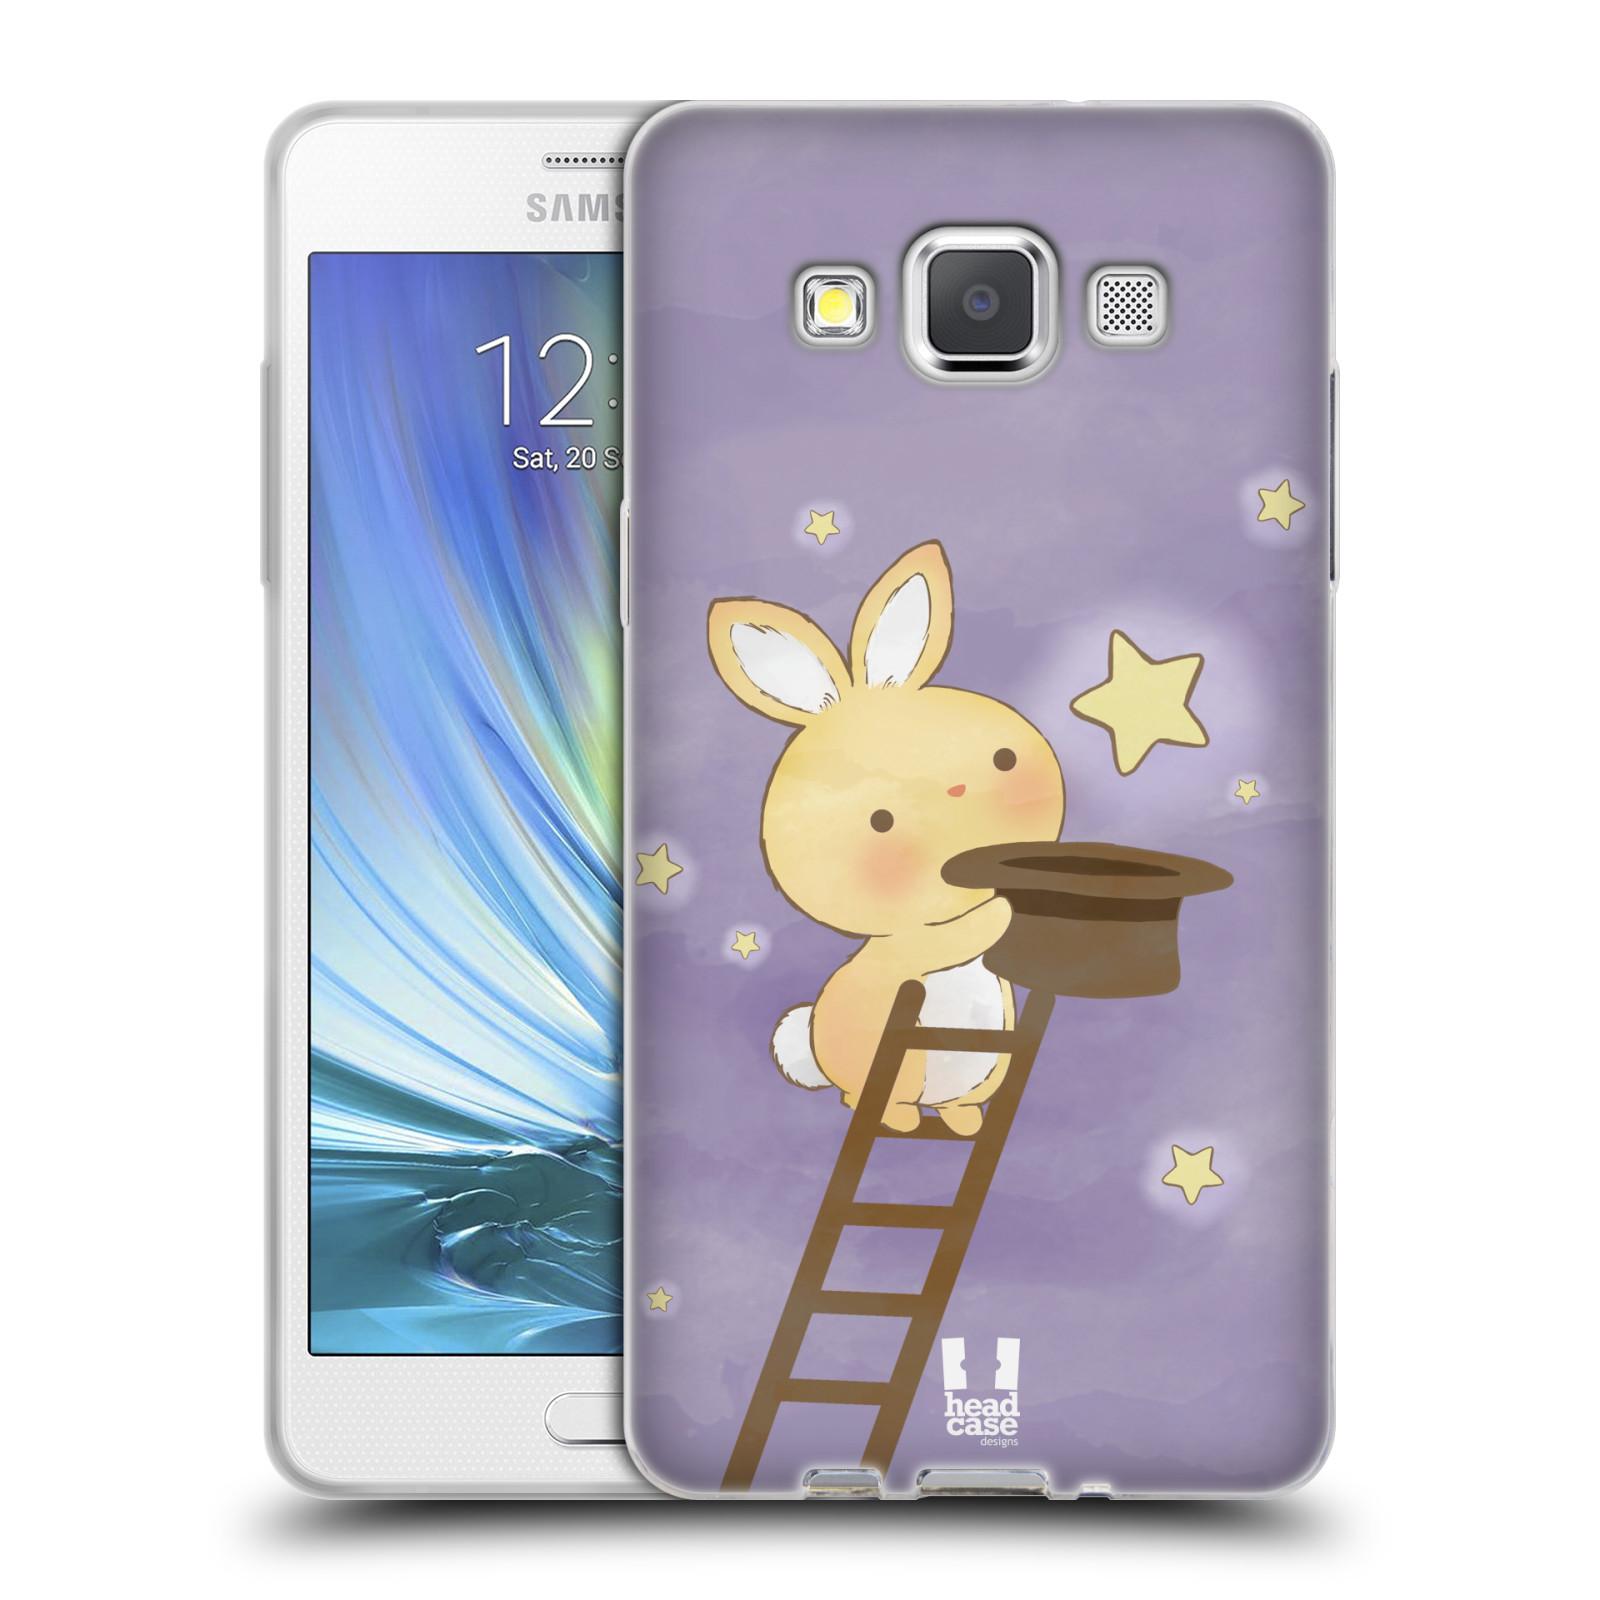 HEAD CASE silikonový obal na mobil Samsung Galaxy A5 vzor králíček a hvězdy fialová